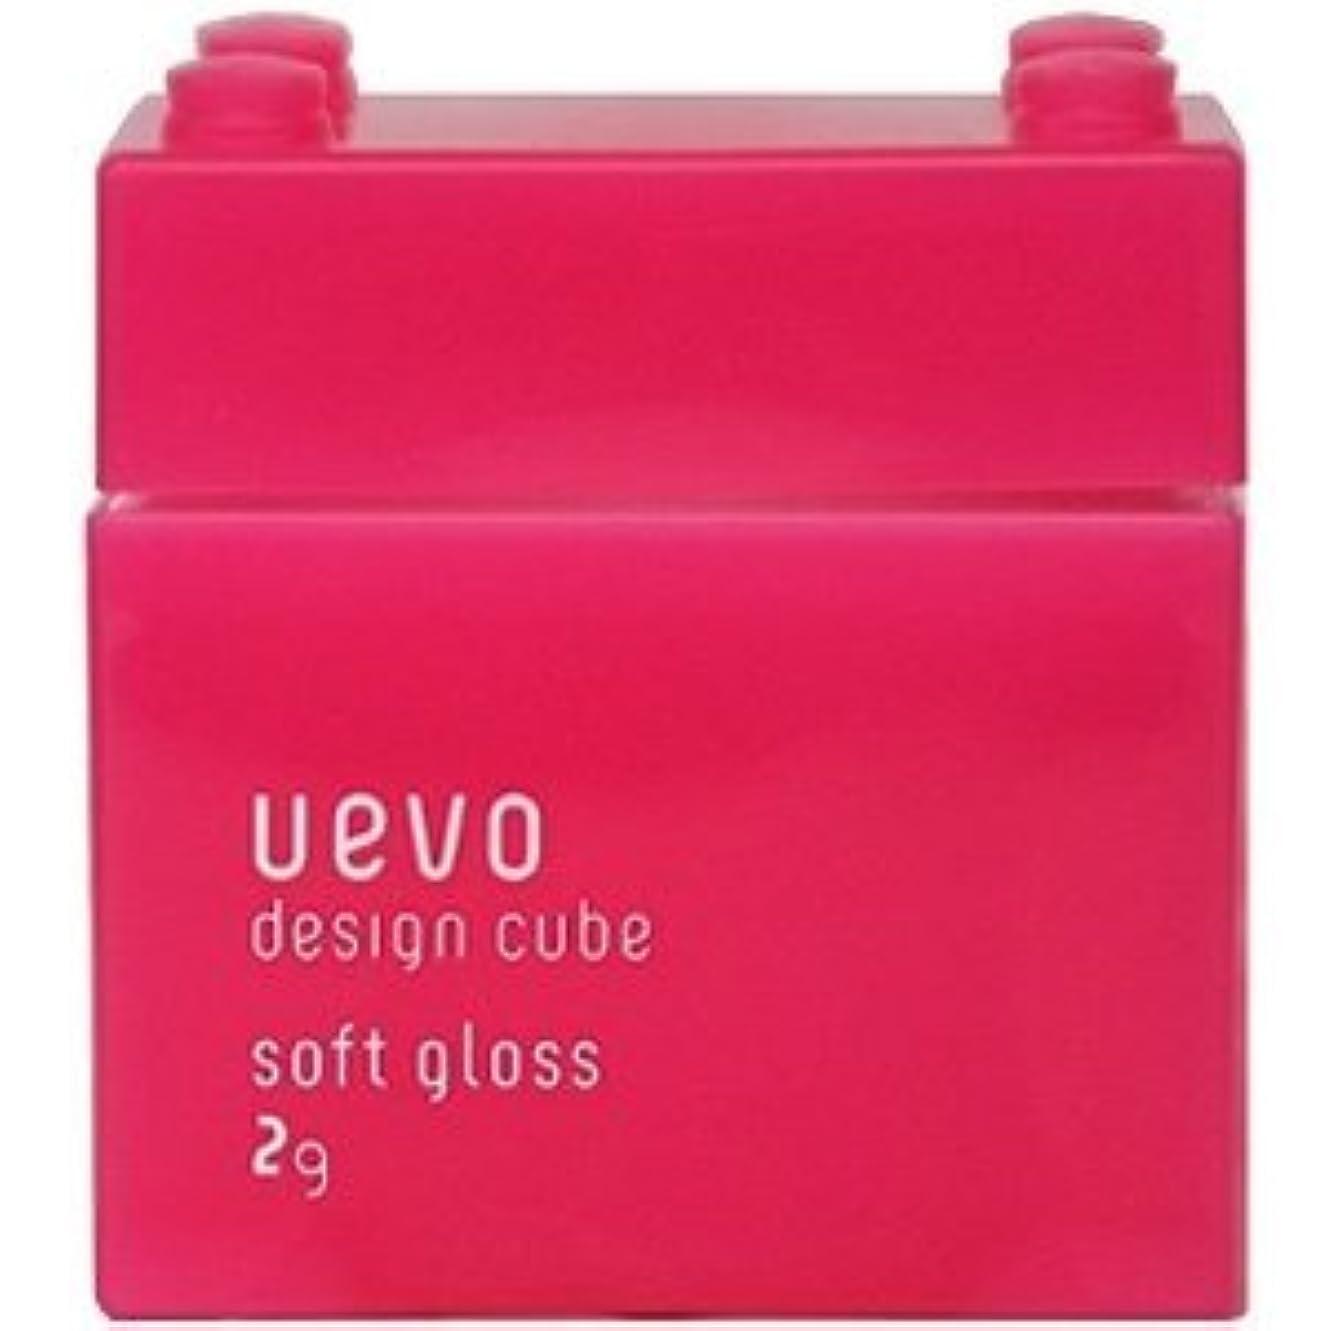 熟達した毎週歩く【X2個セット】 デミ ウェーボ デザインキューブ ソフトグロス 80g soft gloss DEMI uevo design cube